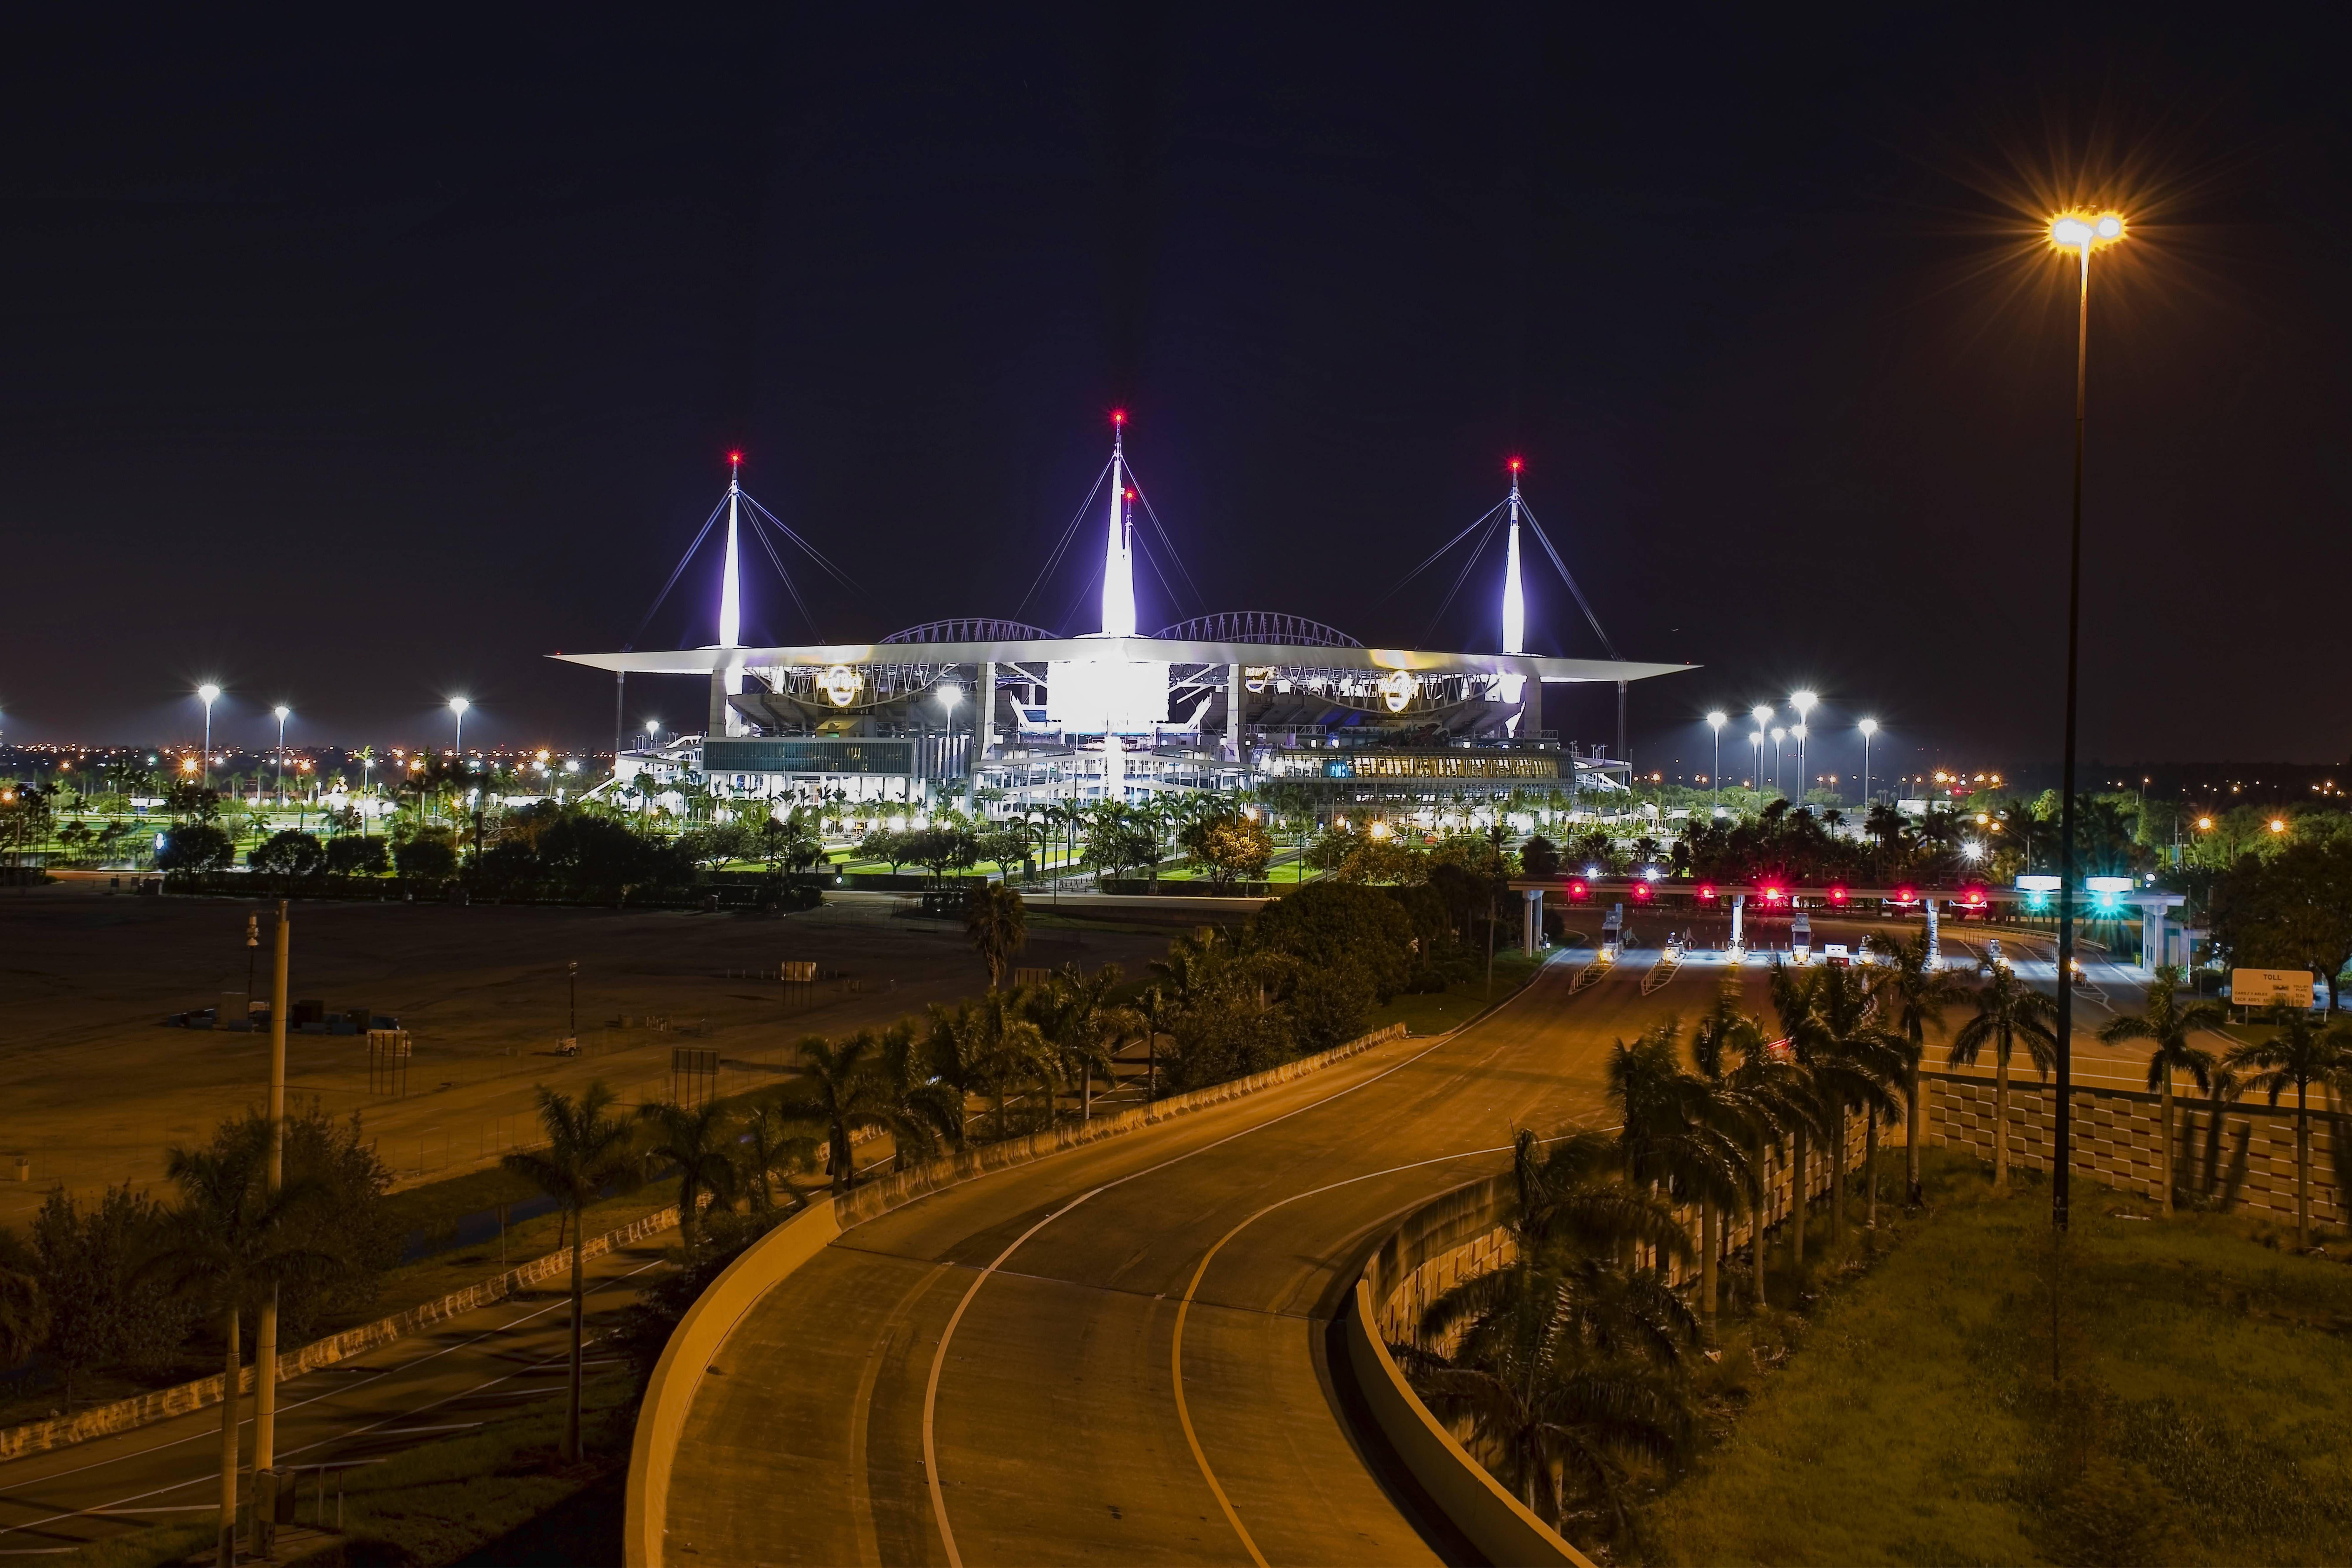 671a08ff7bba7a39cce0ba0ef34b0afc - Hard Rock Stadium 347 Don Shula Dr Miami Gardens